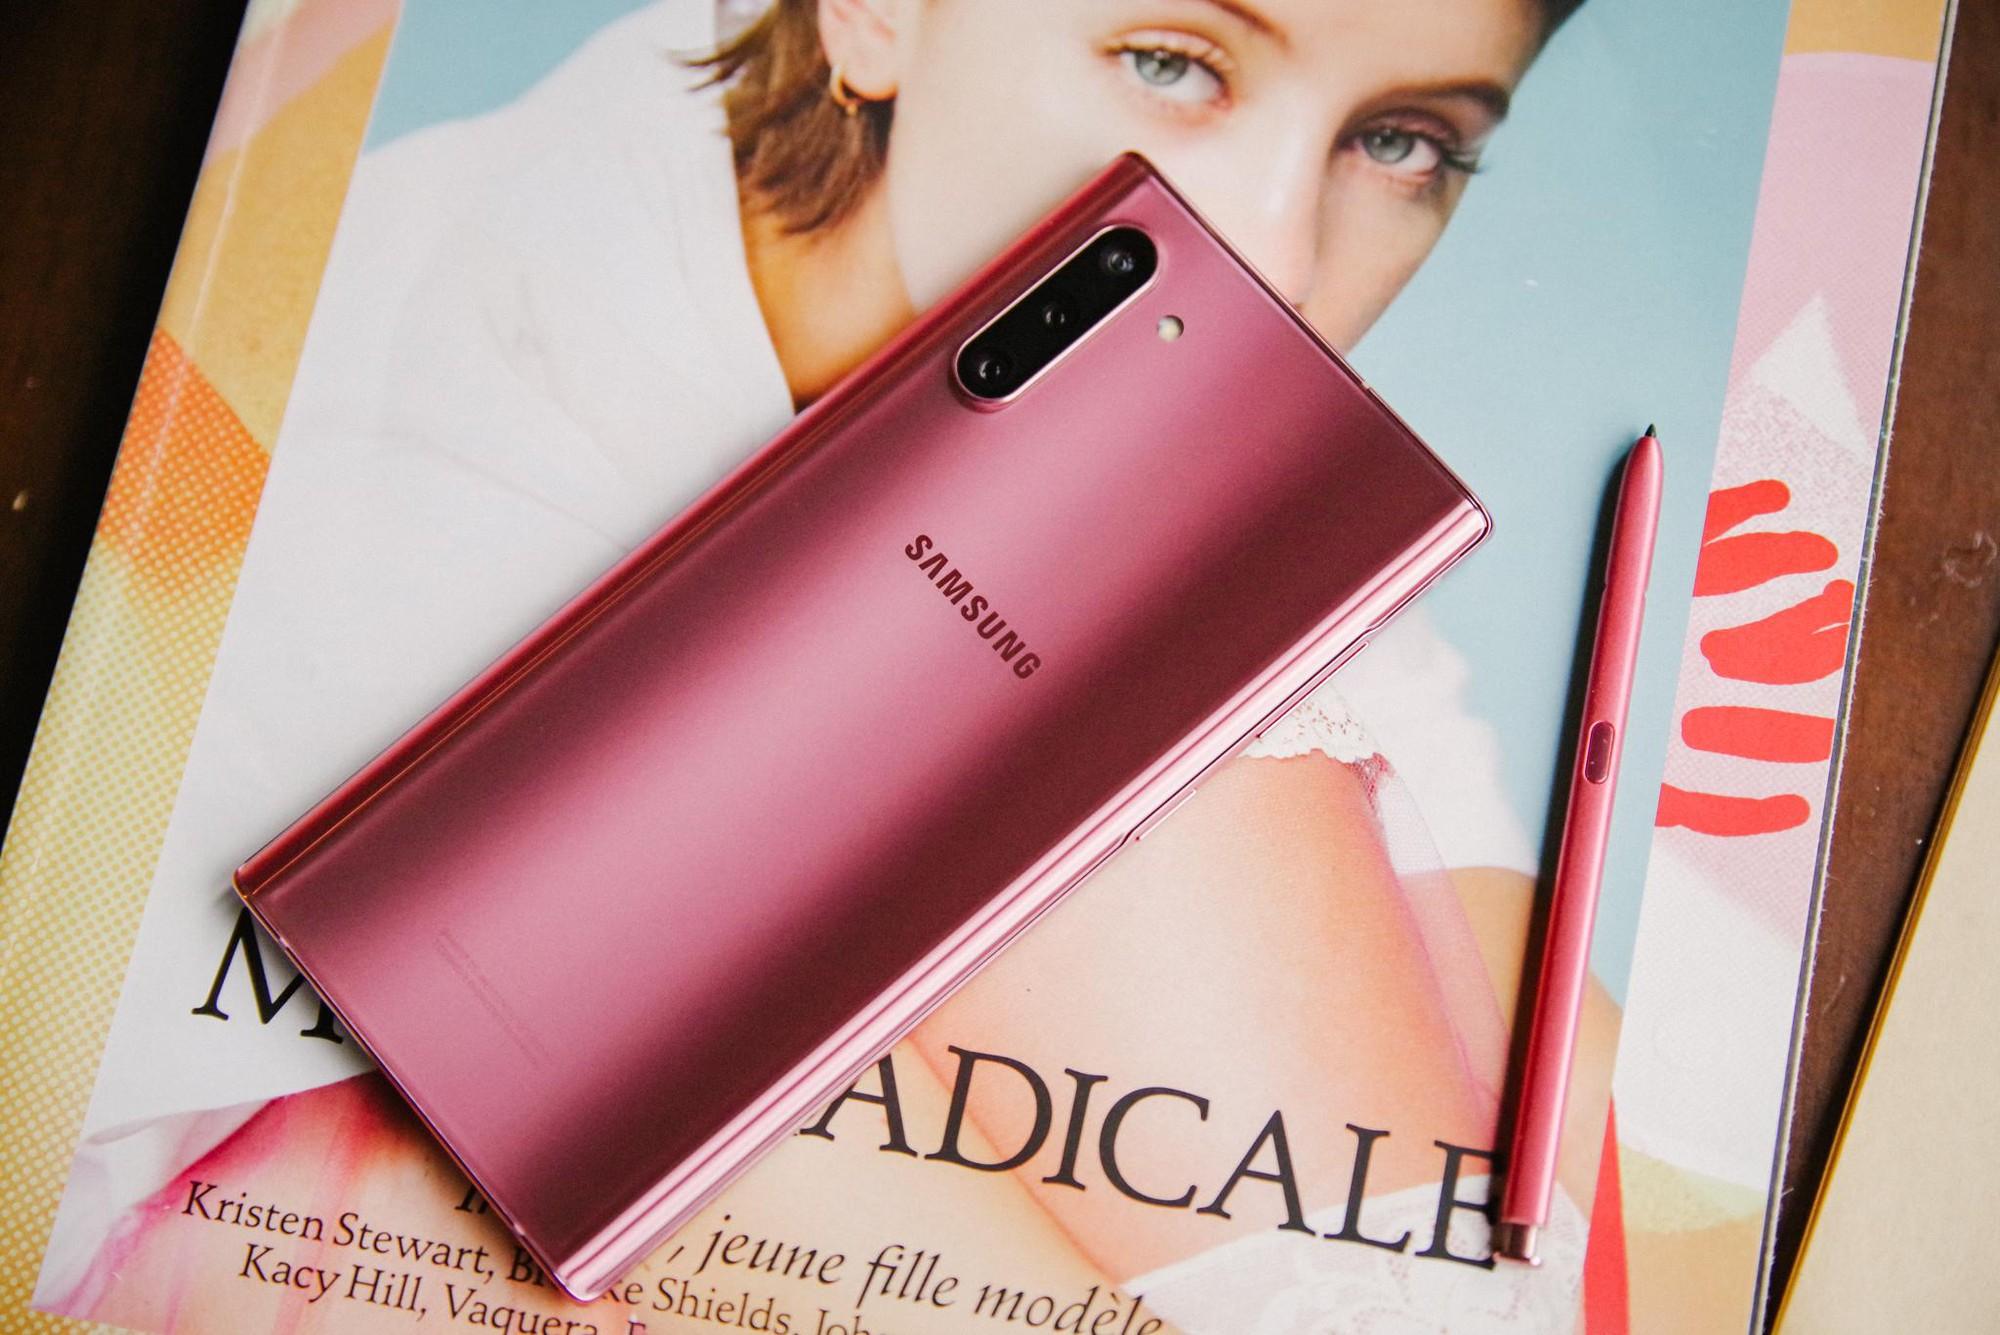 Đây là những lý do để người dùng mua Galaxy Note10 ngay mà không cần xem quảng cáo! - Ảnh 1.